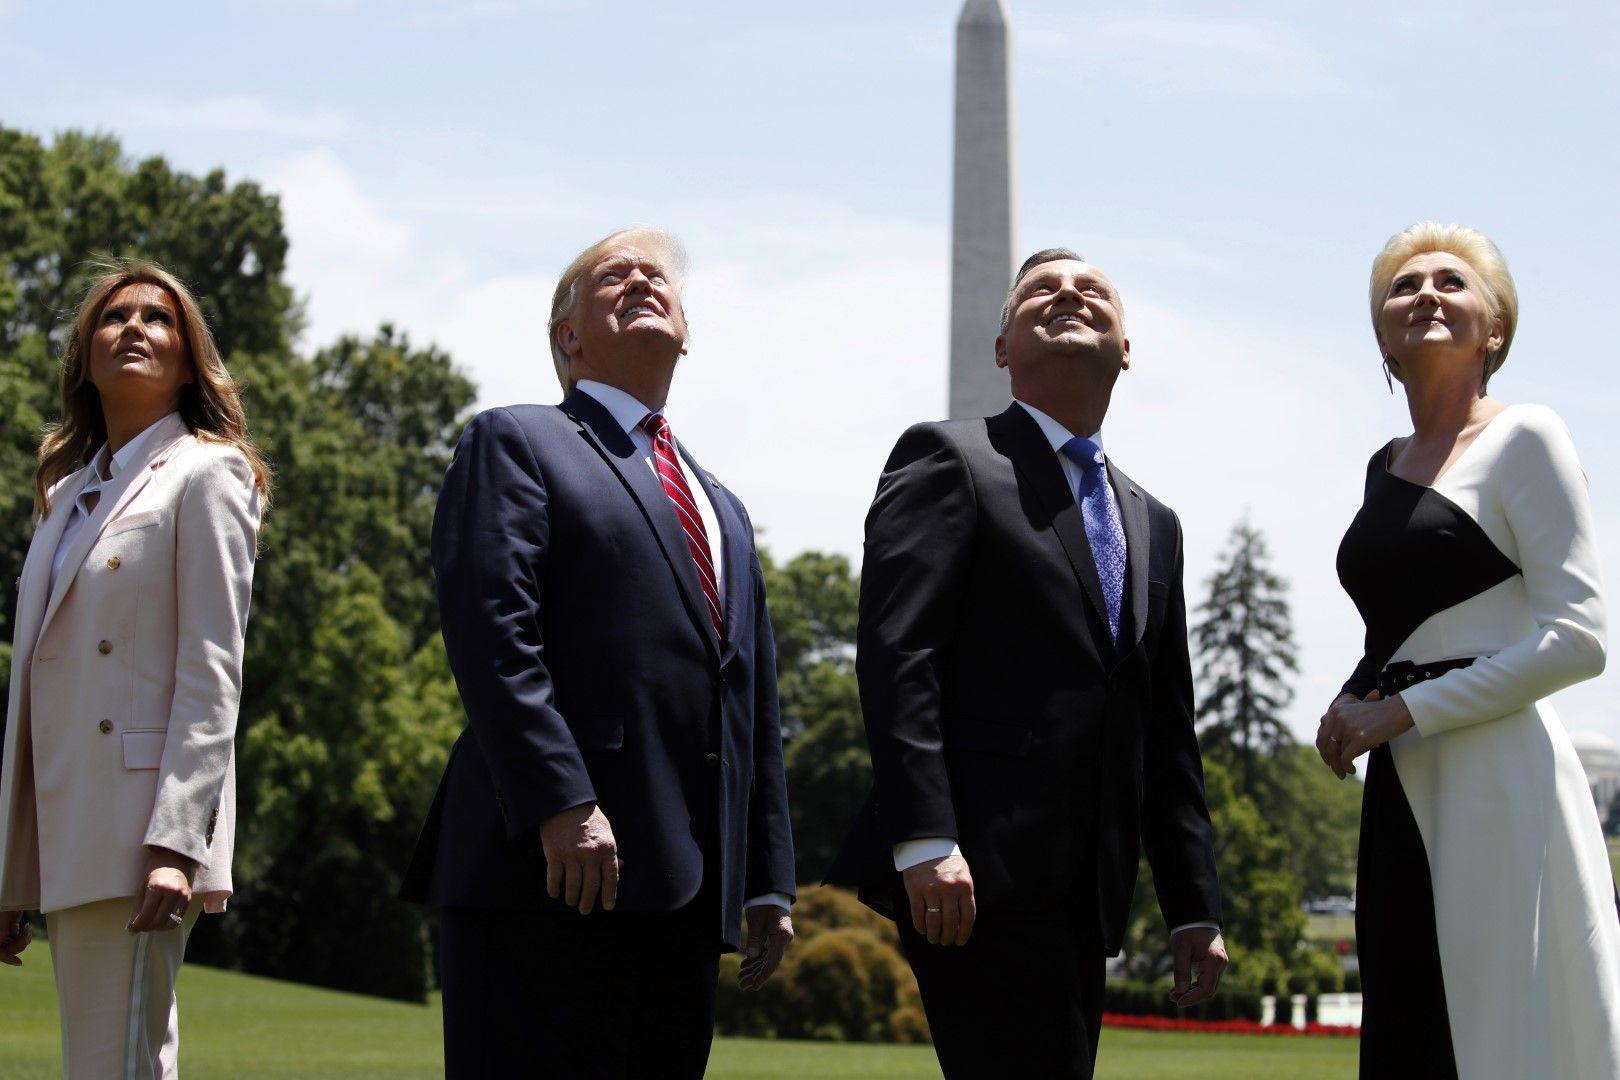 Доналд Тръмп, Анджей Дуда и техните съпруги наблюдават демонстрацията с изтребител F-35 над Белия дом